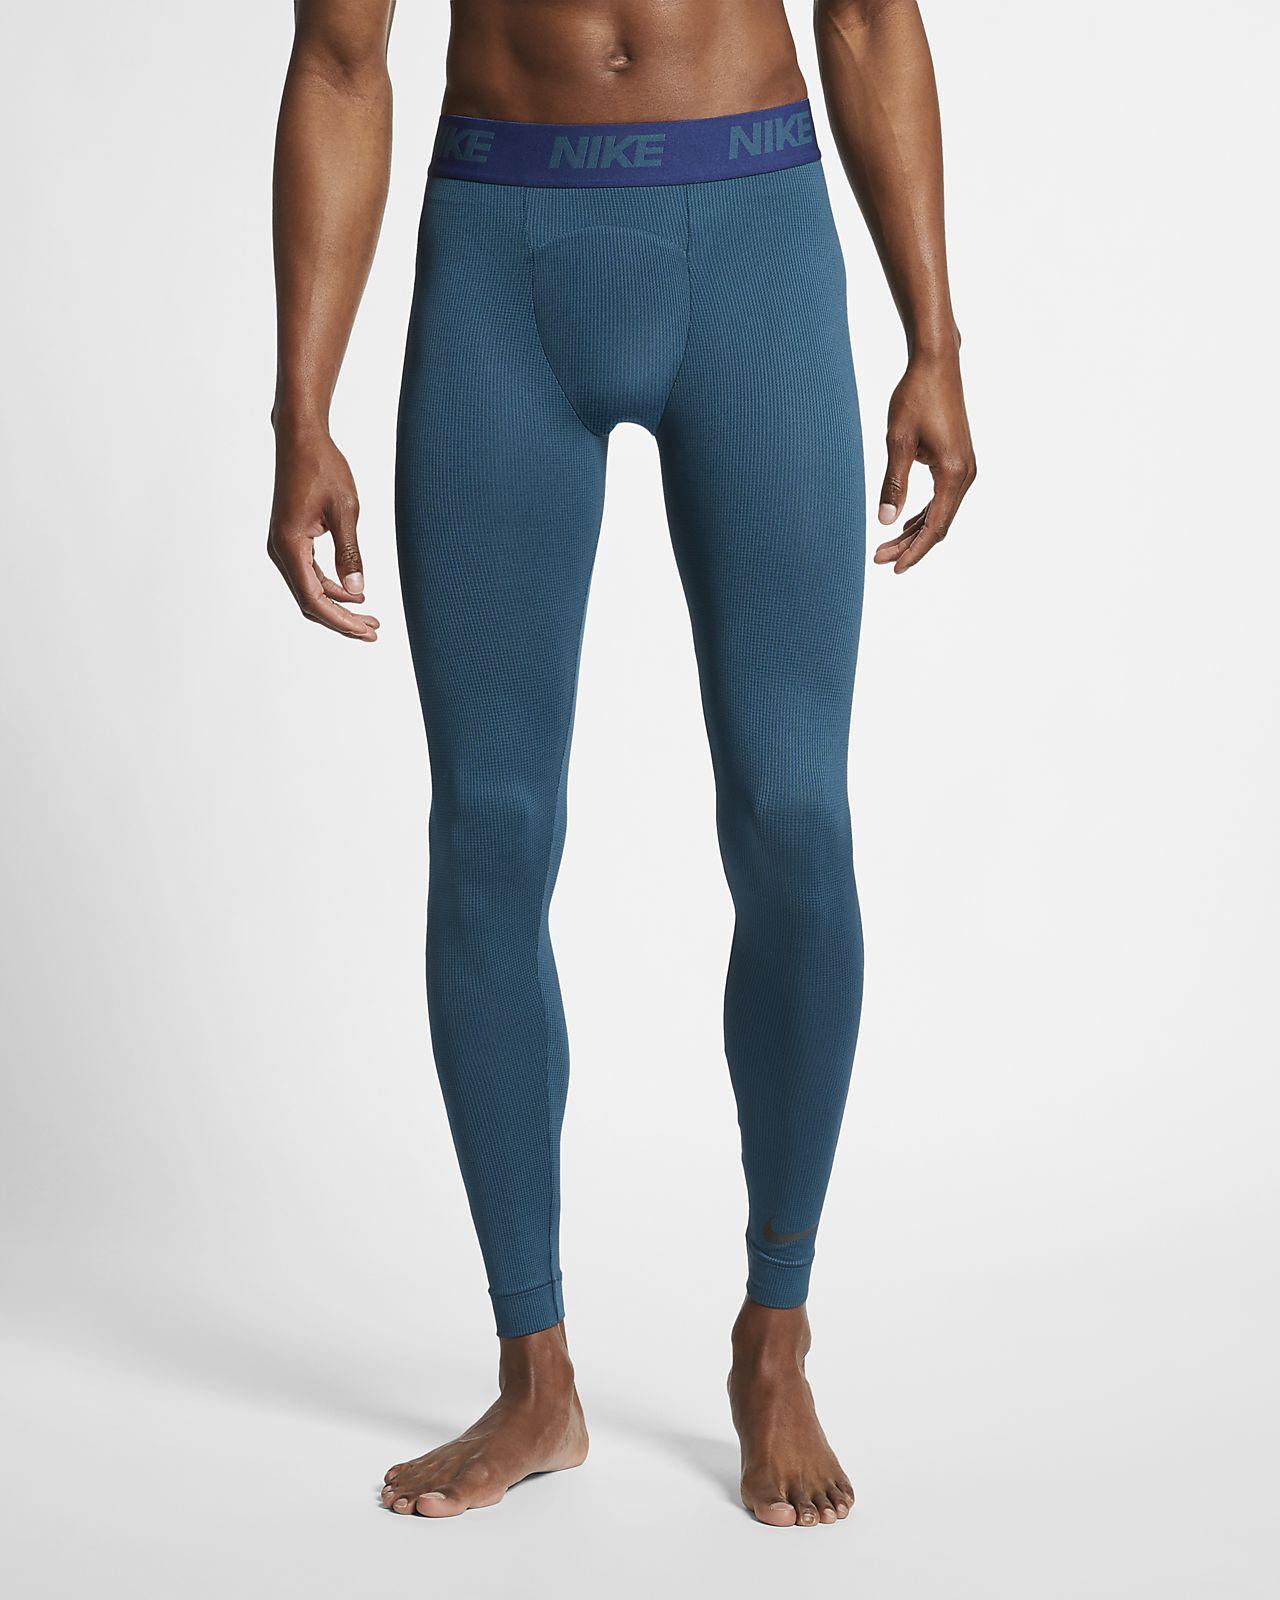 Nike Trainings-Tights für Herren